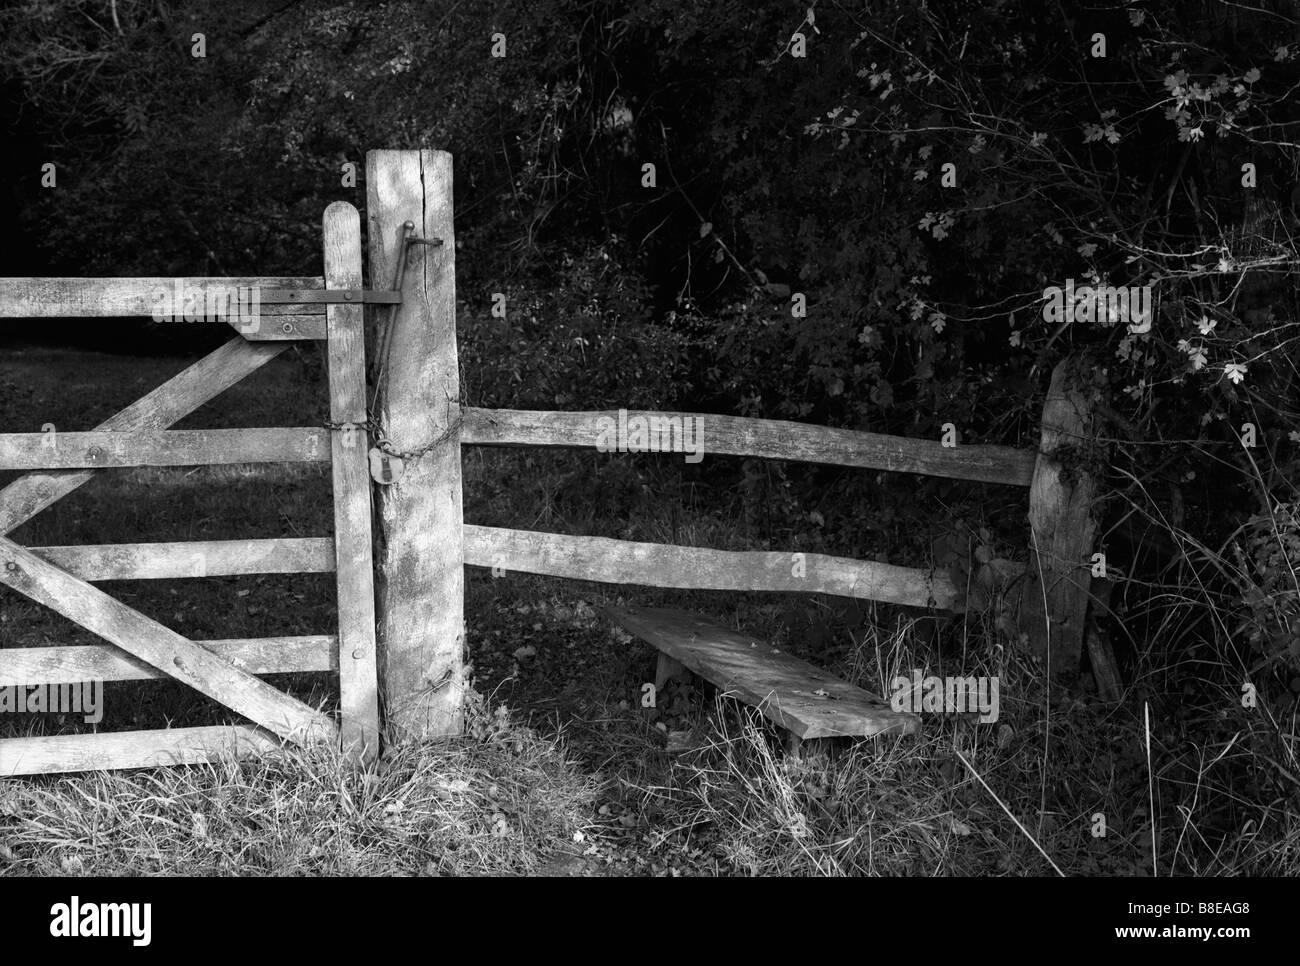 Porte en bois paysage stile monochrome Banque D'Images